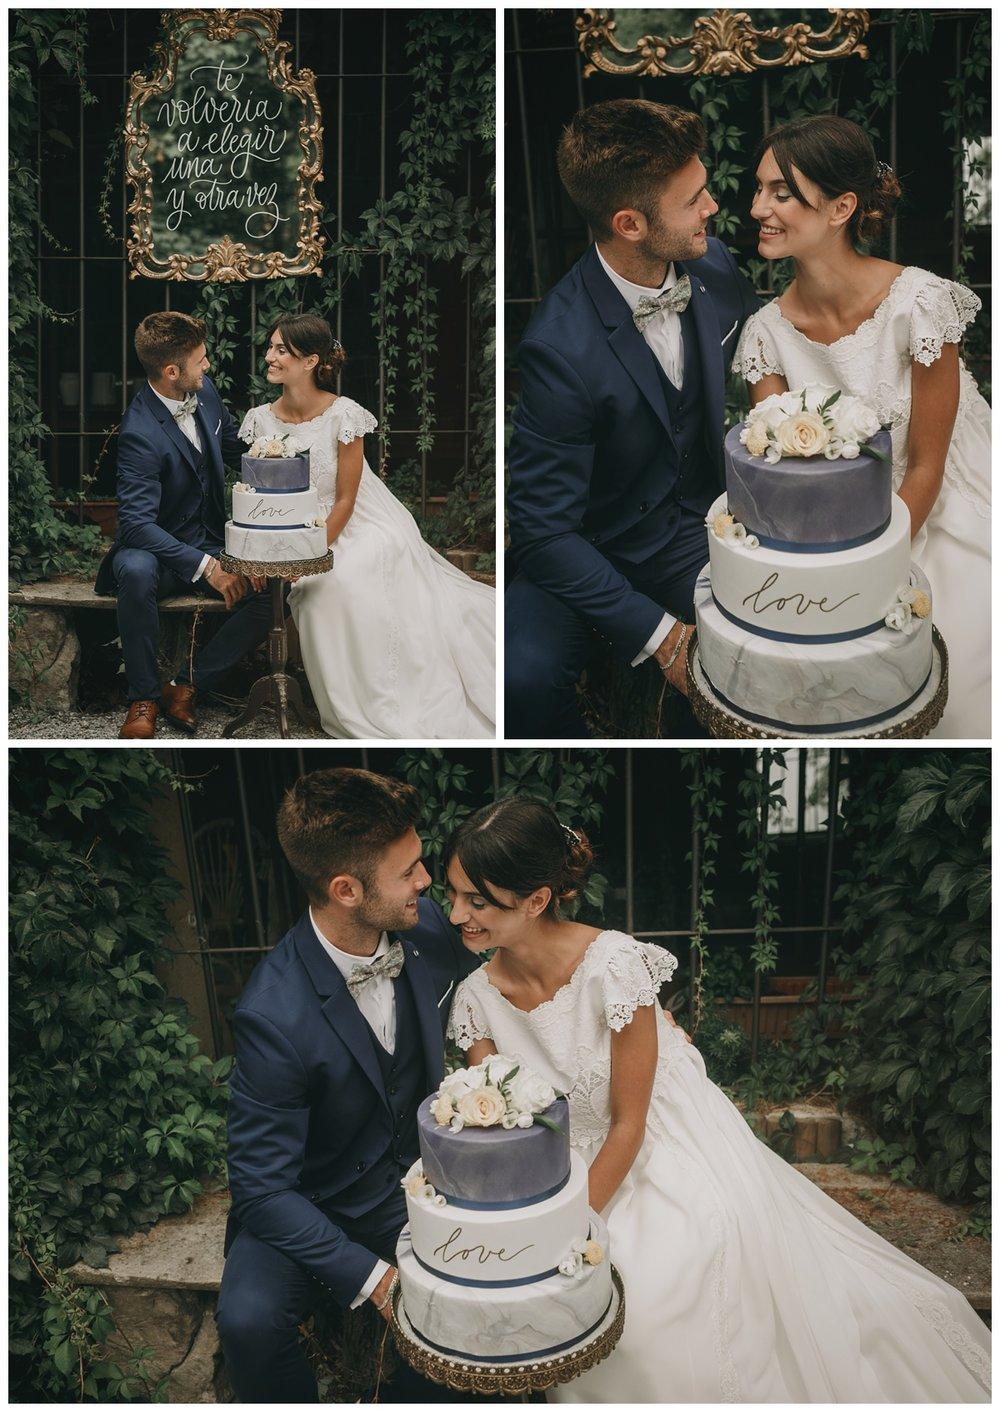 Fotografo_bodas_gipuzkoa_inhar mutiozabal_palacio_murguia_astigarraga_wedding_planner_reina_de_bodas_0054.jpg